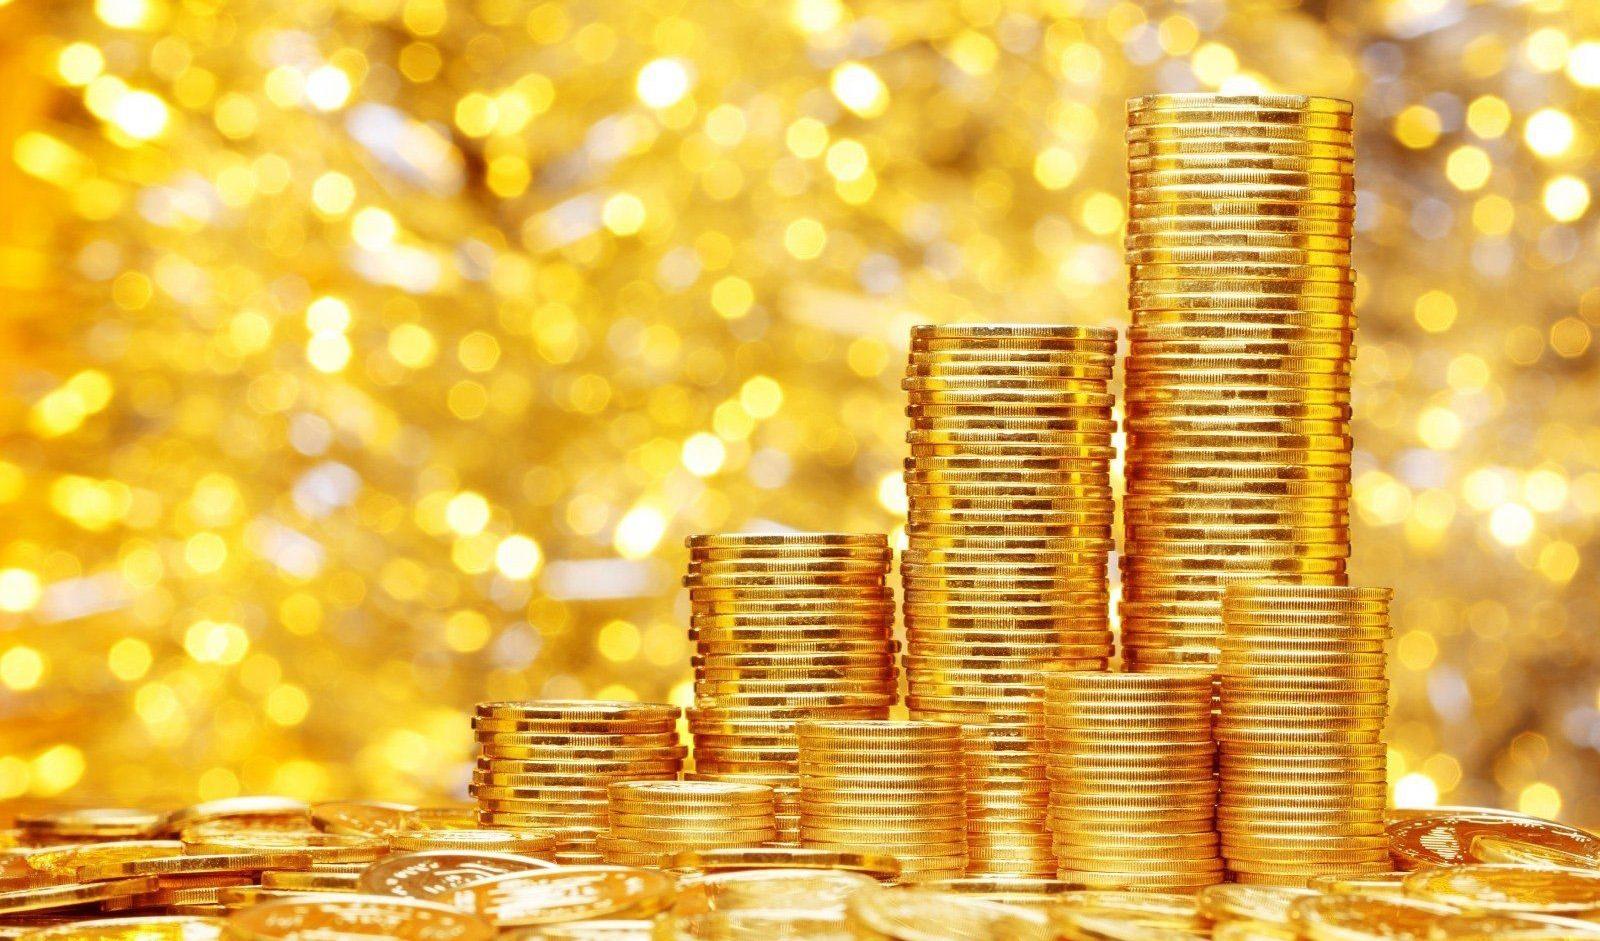 افزایش ۸۰ هزار تومانی سکه امامی/ هر گرم طلای ۱۸ عیار ۸ هزار تومان افزایش قیمت داشته است